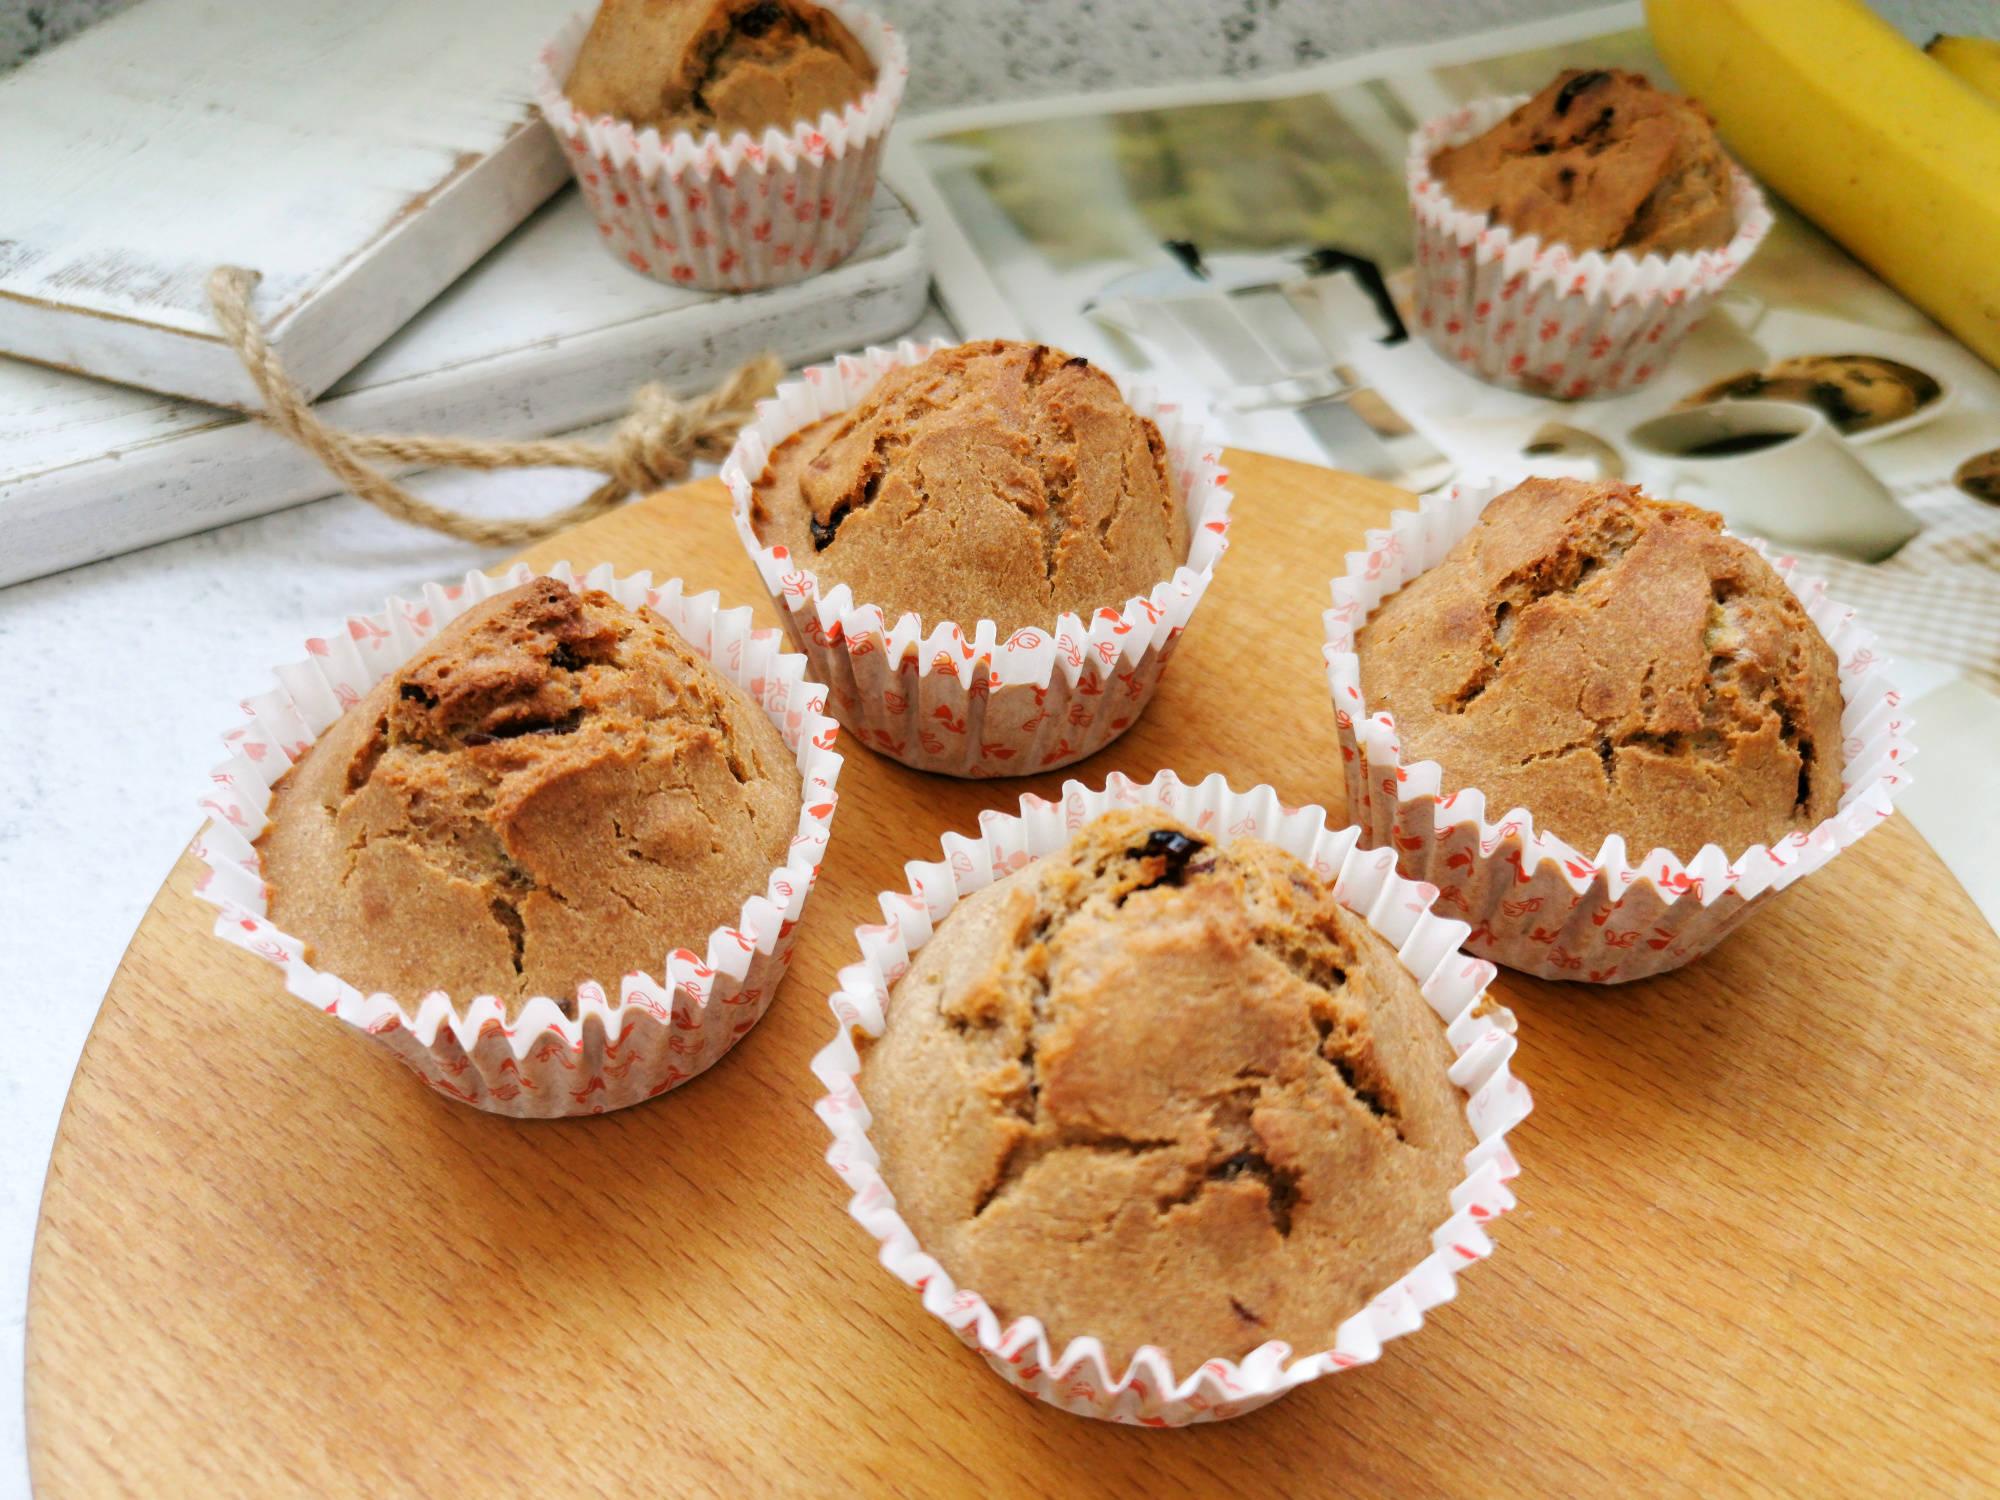 最简单的蛋糕配方,无糖无油,搅一搅拌一拌,低脂饱腹零负担